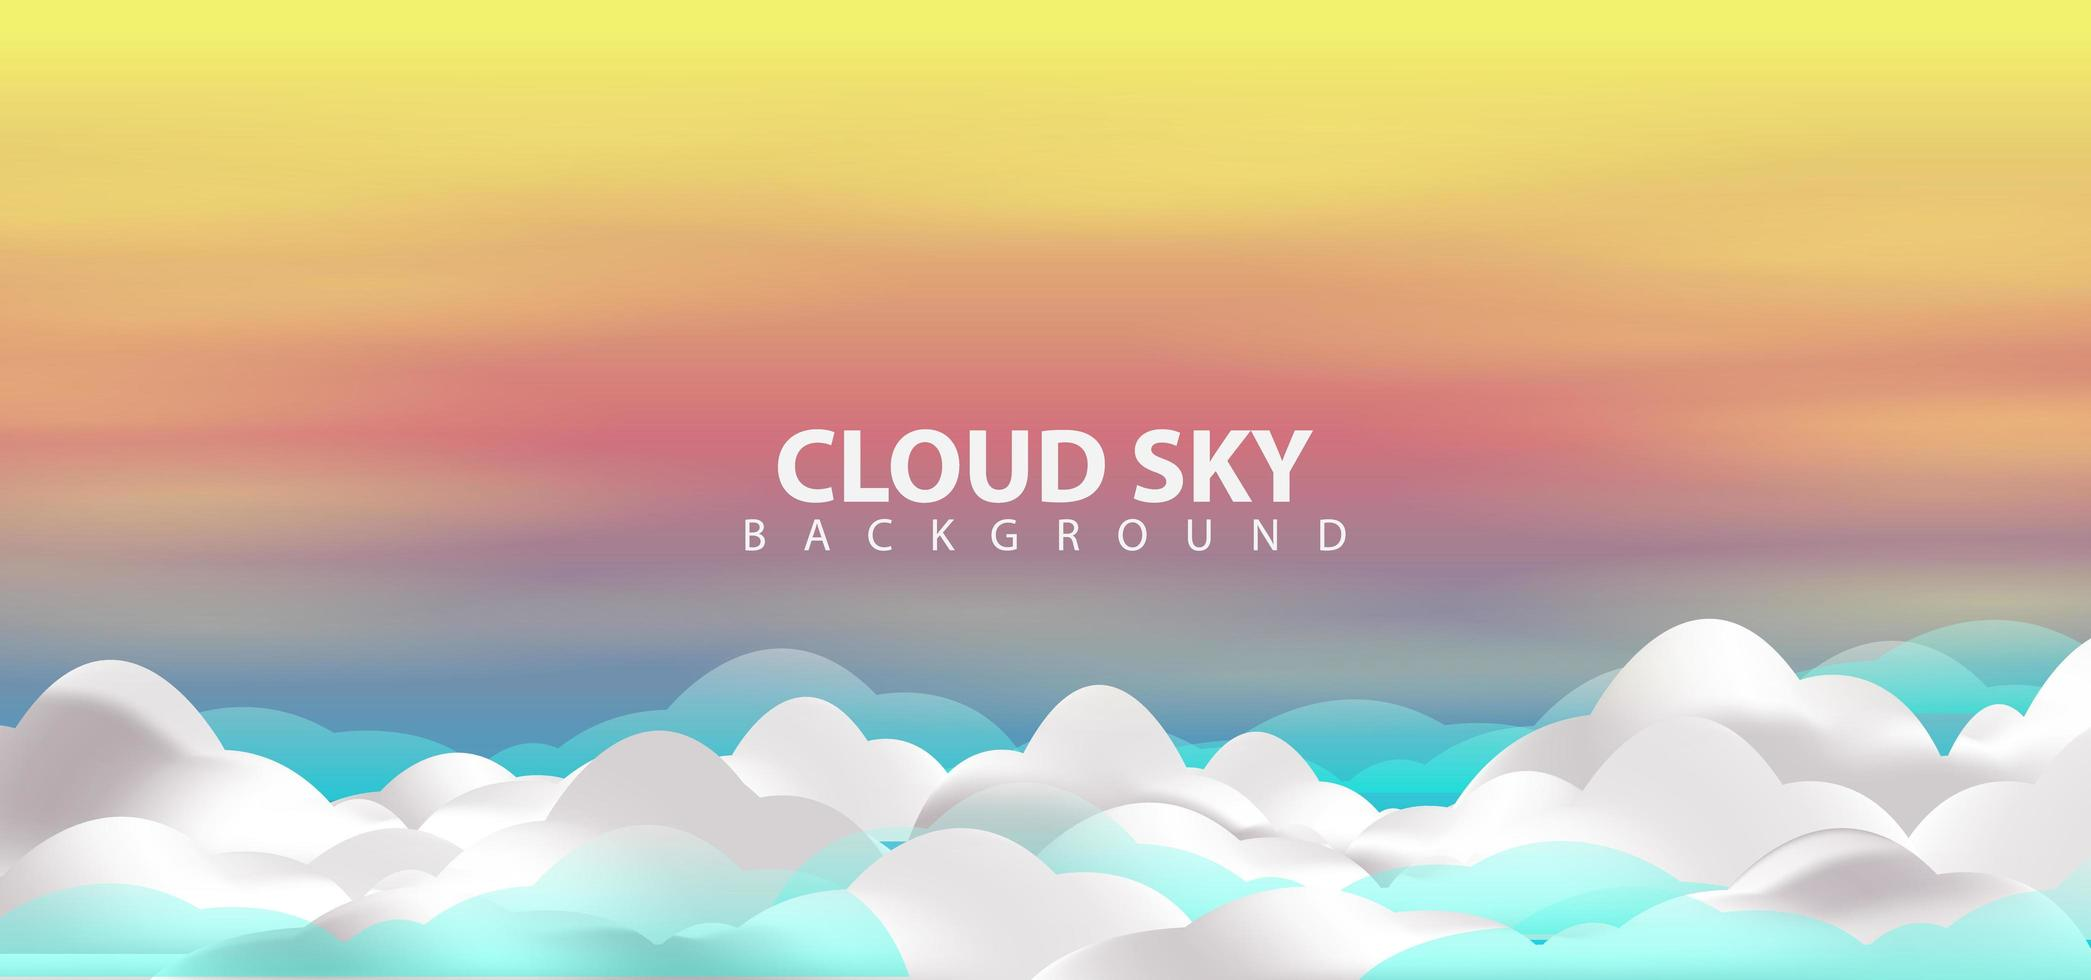 puesta de sol realista con fondo de cielo de nubes vector